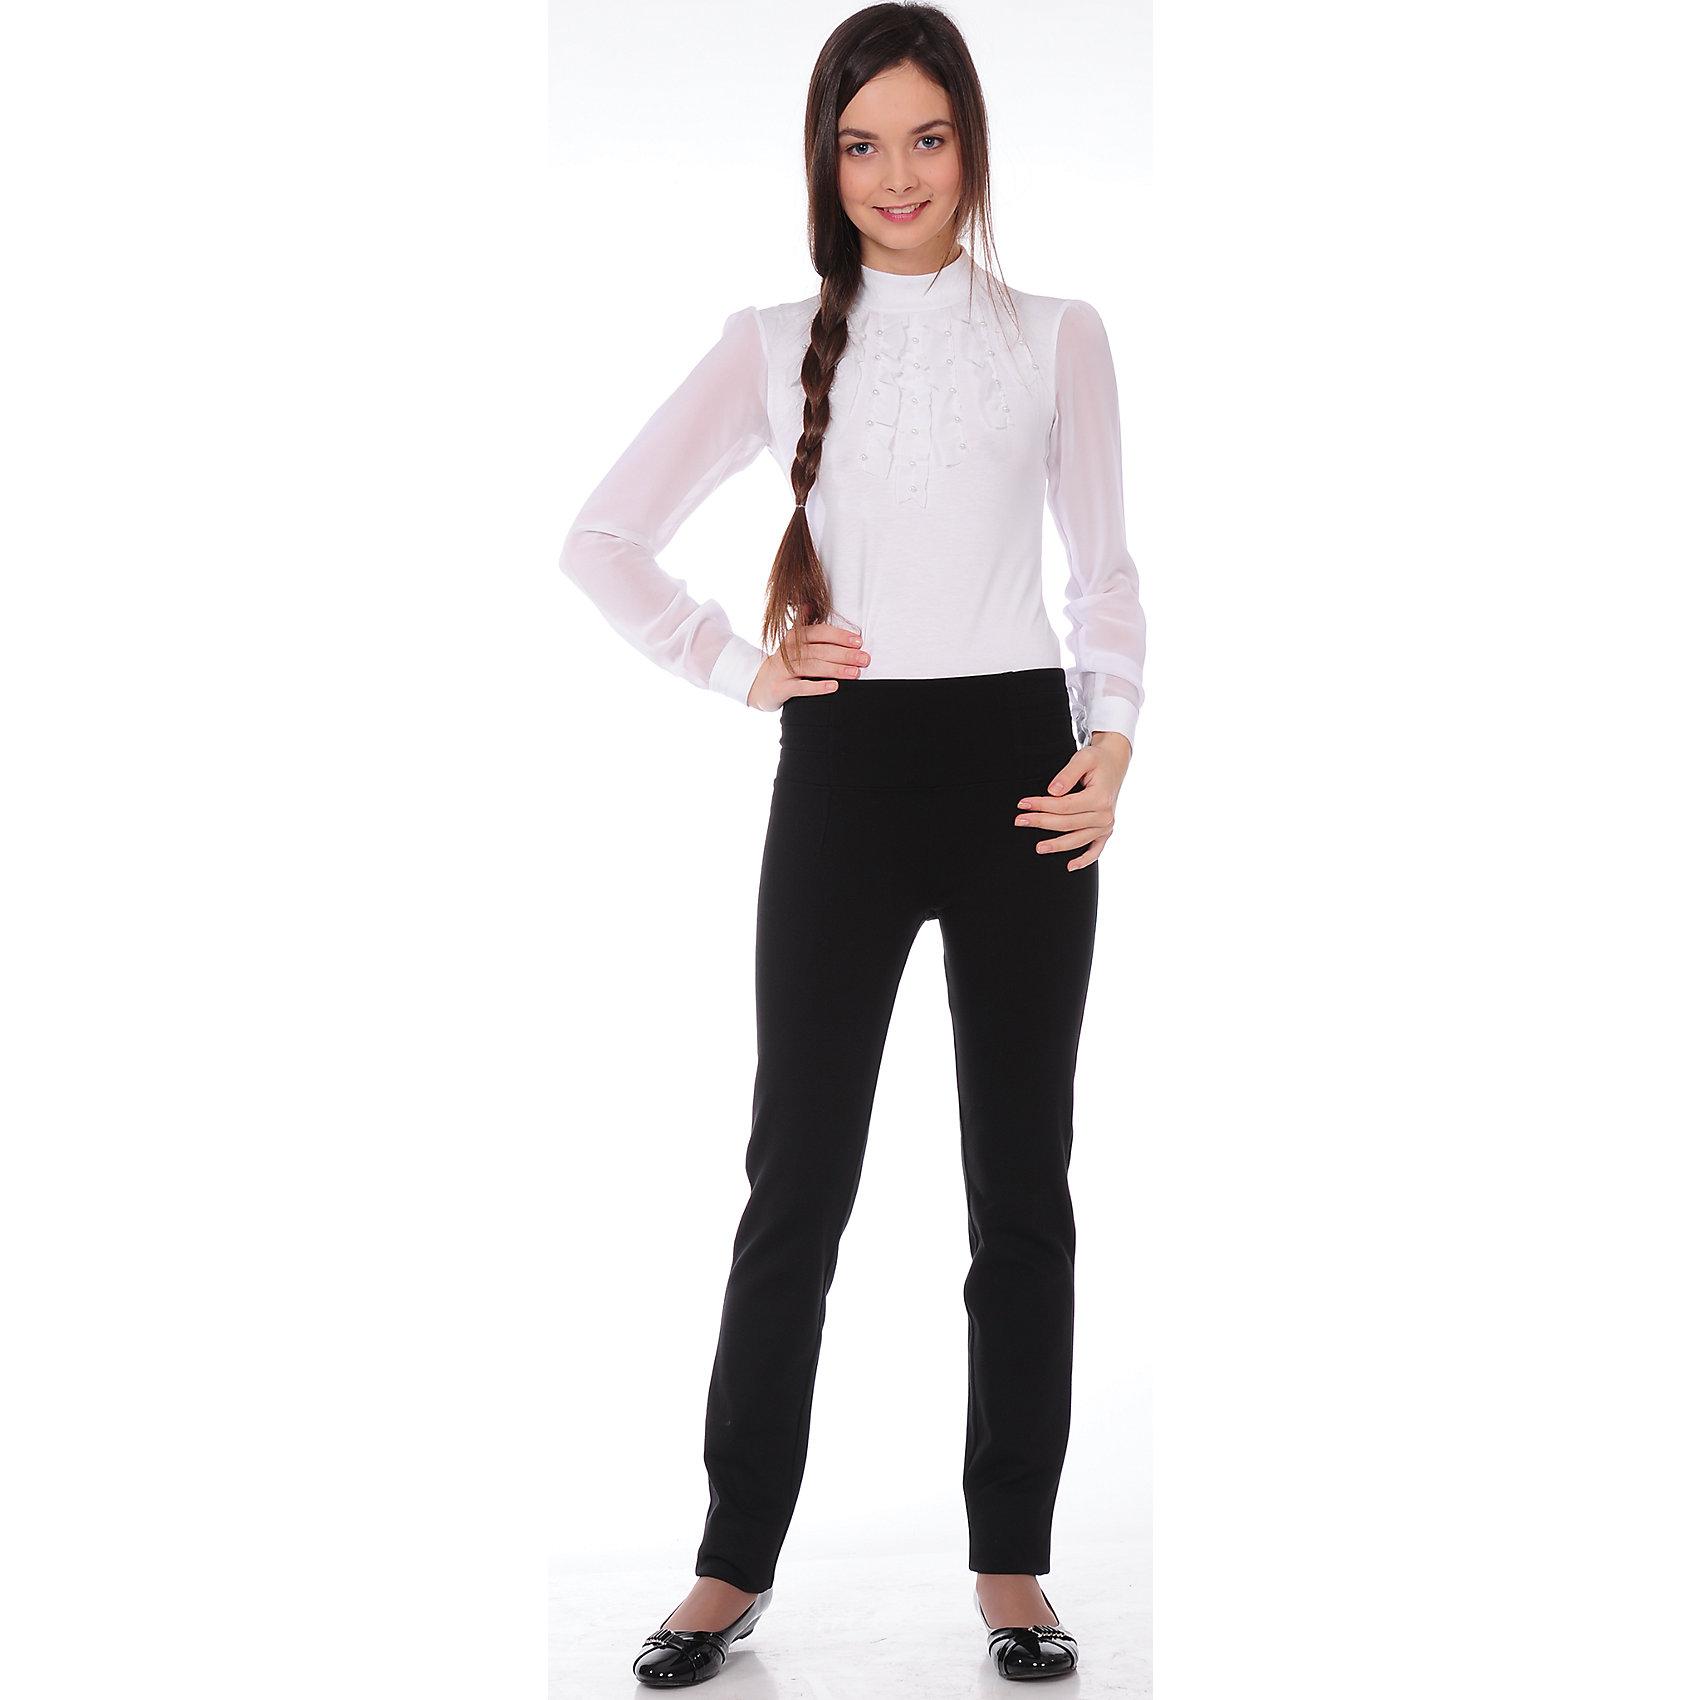 Брюки для девочки Агат SkylakeБрюки для девочки Агат от известного бренда Skylake<br>Классические   длинные зауженные брюки  для девочек среднего и старшего  возраста. <br>Изготовлены  из однотонной ткани рио-габардин черного  цвета.<br>Пояс брюк с застежкой на одну пуговицу и шлевками для<br>ремня. Ремень в состав изделия не входит.<br>Застежка - гульфик на  молнии. <br>На передних половинках брюк имеются боковые косые карманы.<br>Комплектуются с жакетом ШФ-99, ШФ-334 или жилетом ШФ-337. <br>Состав:<br>60%п/э,35%виск,5%лайкра (ПУ)<br><br>Ширина мм: 215<br>Глубина мм: 88<br>Высота мм: 191<br>Вес г: 336<br>Цвет: черный<br>Возраст от месяцев: 132<br>Возраст до месяцев: 144<br>Пол: Женский<br>Возраст: Детский<br>Размер: 152,146,170,164,158<br>SKU: 4709845